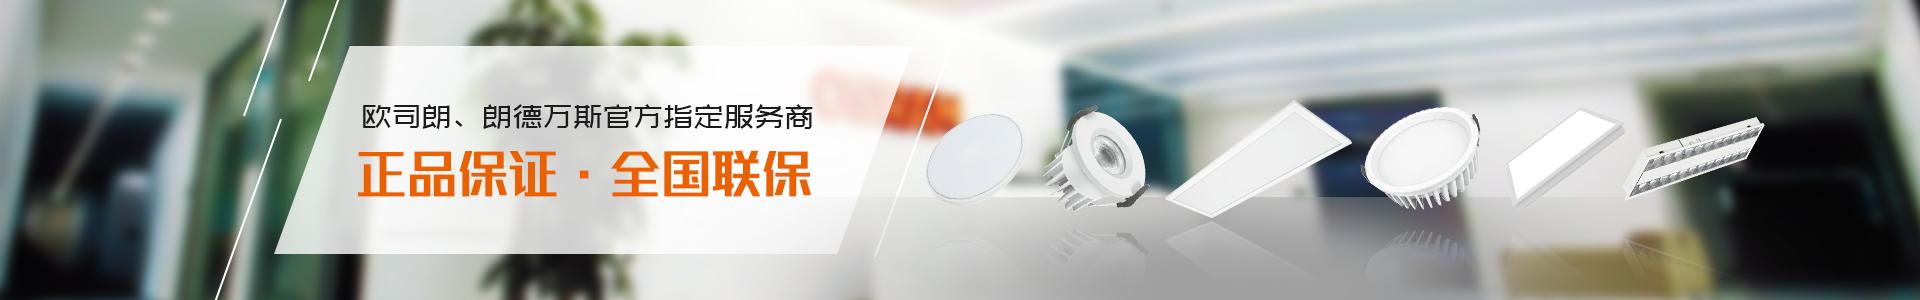 欧司朗、朗德万斯官方指定服务商 正品保证 全国联保